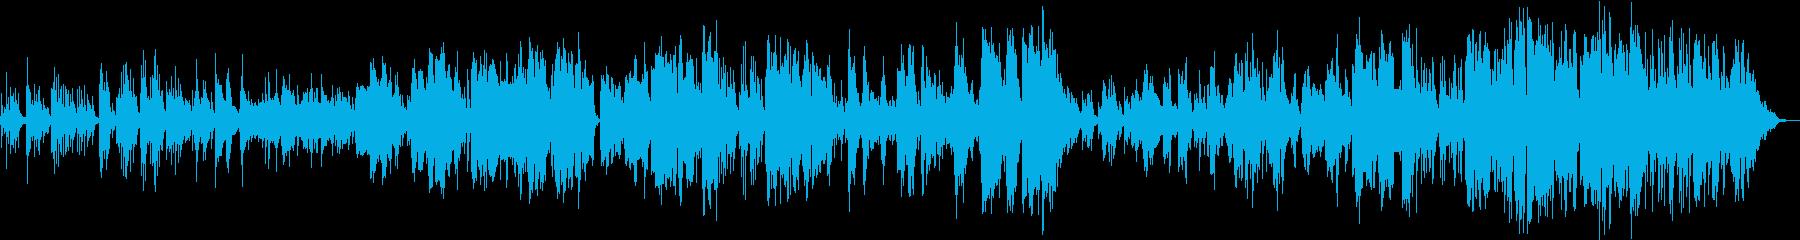 ピアノイントロから始まる切ないバラードの再生済みの波形